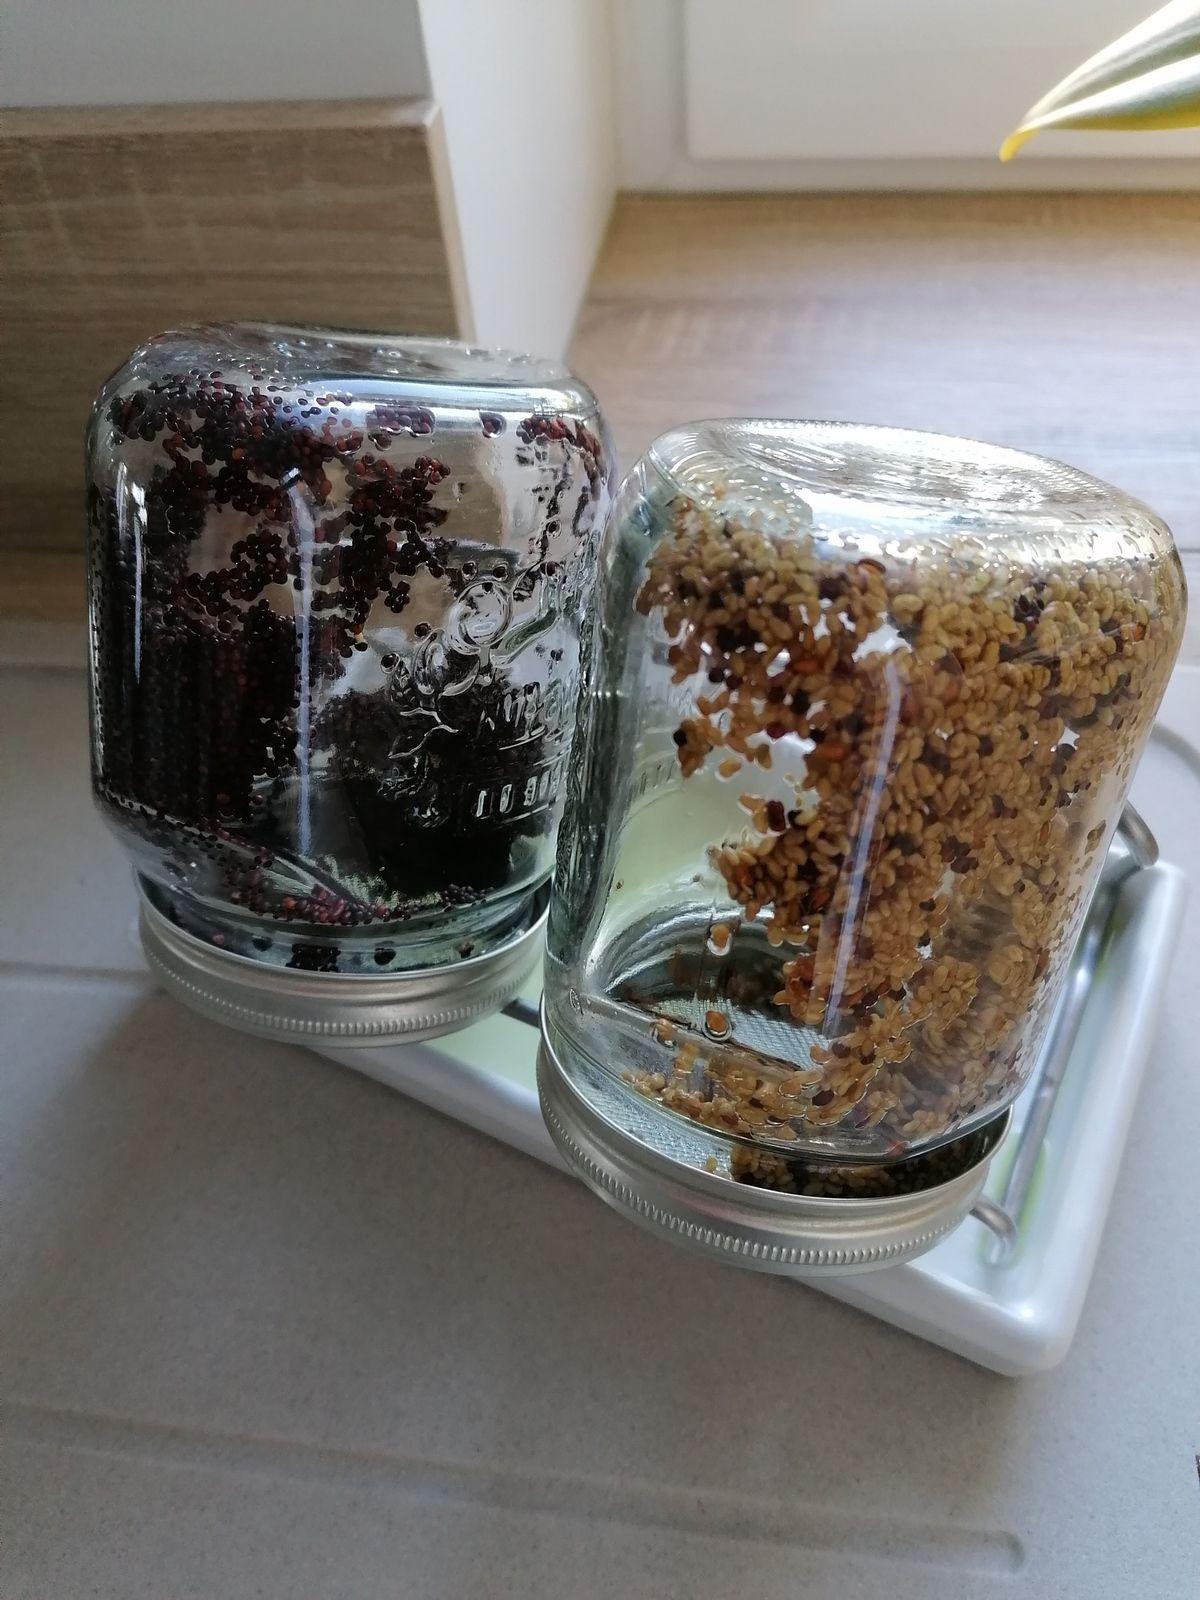 Etape 3 : Rincer et drainer, matin et soir, le nombre de jours nécessaires à l'obtention des graines germées ou des jeunes pousses.